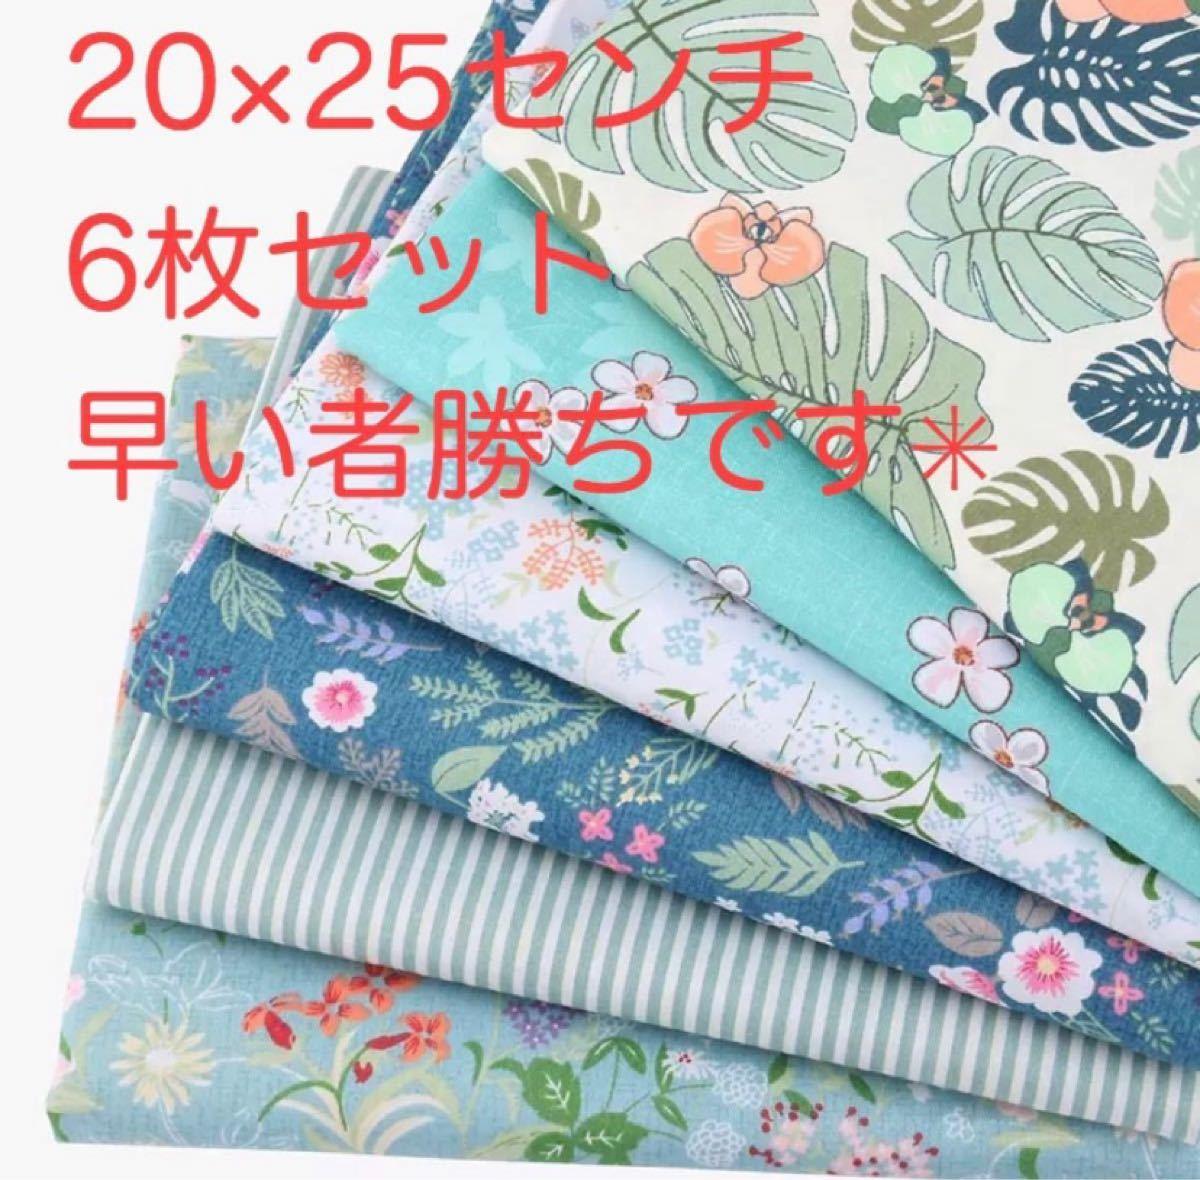 パッチワーク ハギレ 20×25 6点セット ハワイ 水色 青 花柄 ストライプ